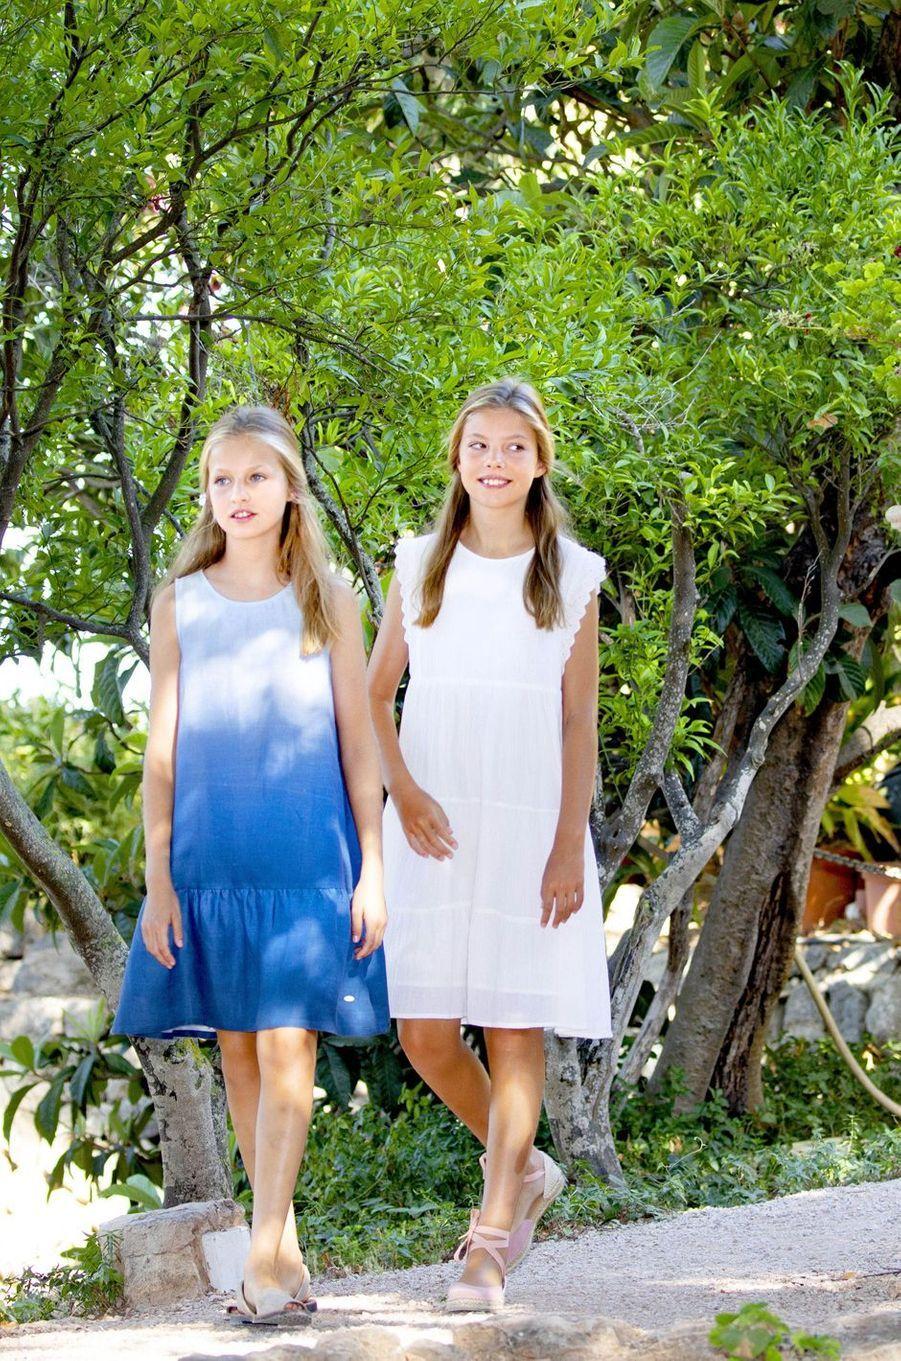 Les princesses Leonor et Sofia d'Espagne à Son Marroig sur l'île de Majorque, le 8 août 2019